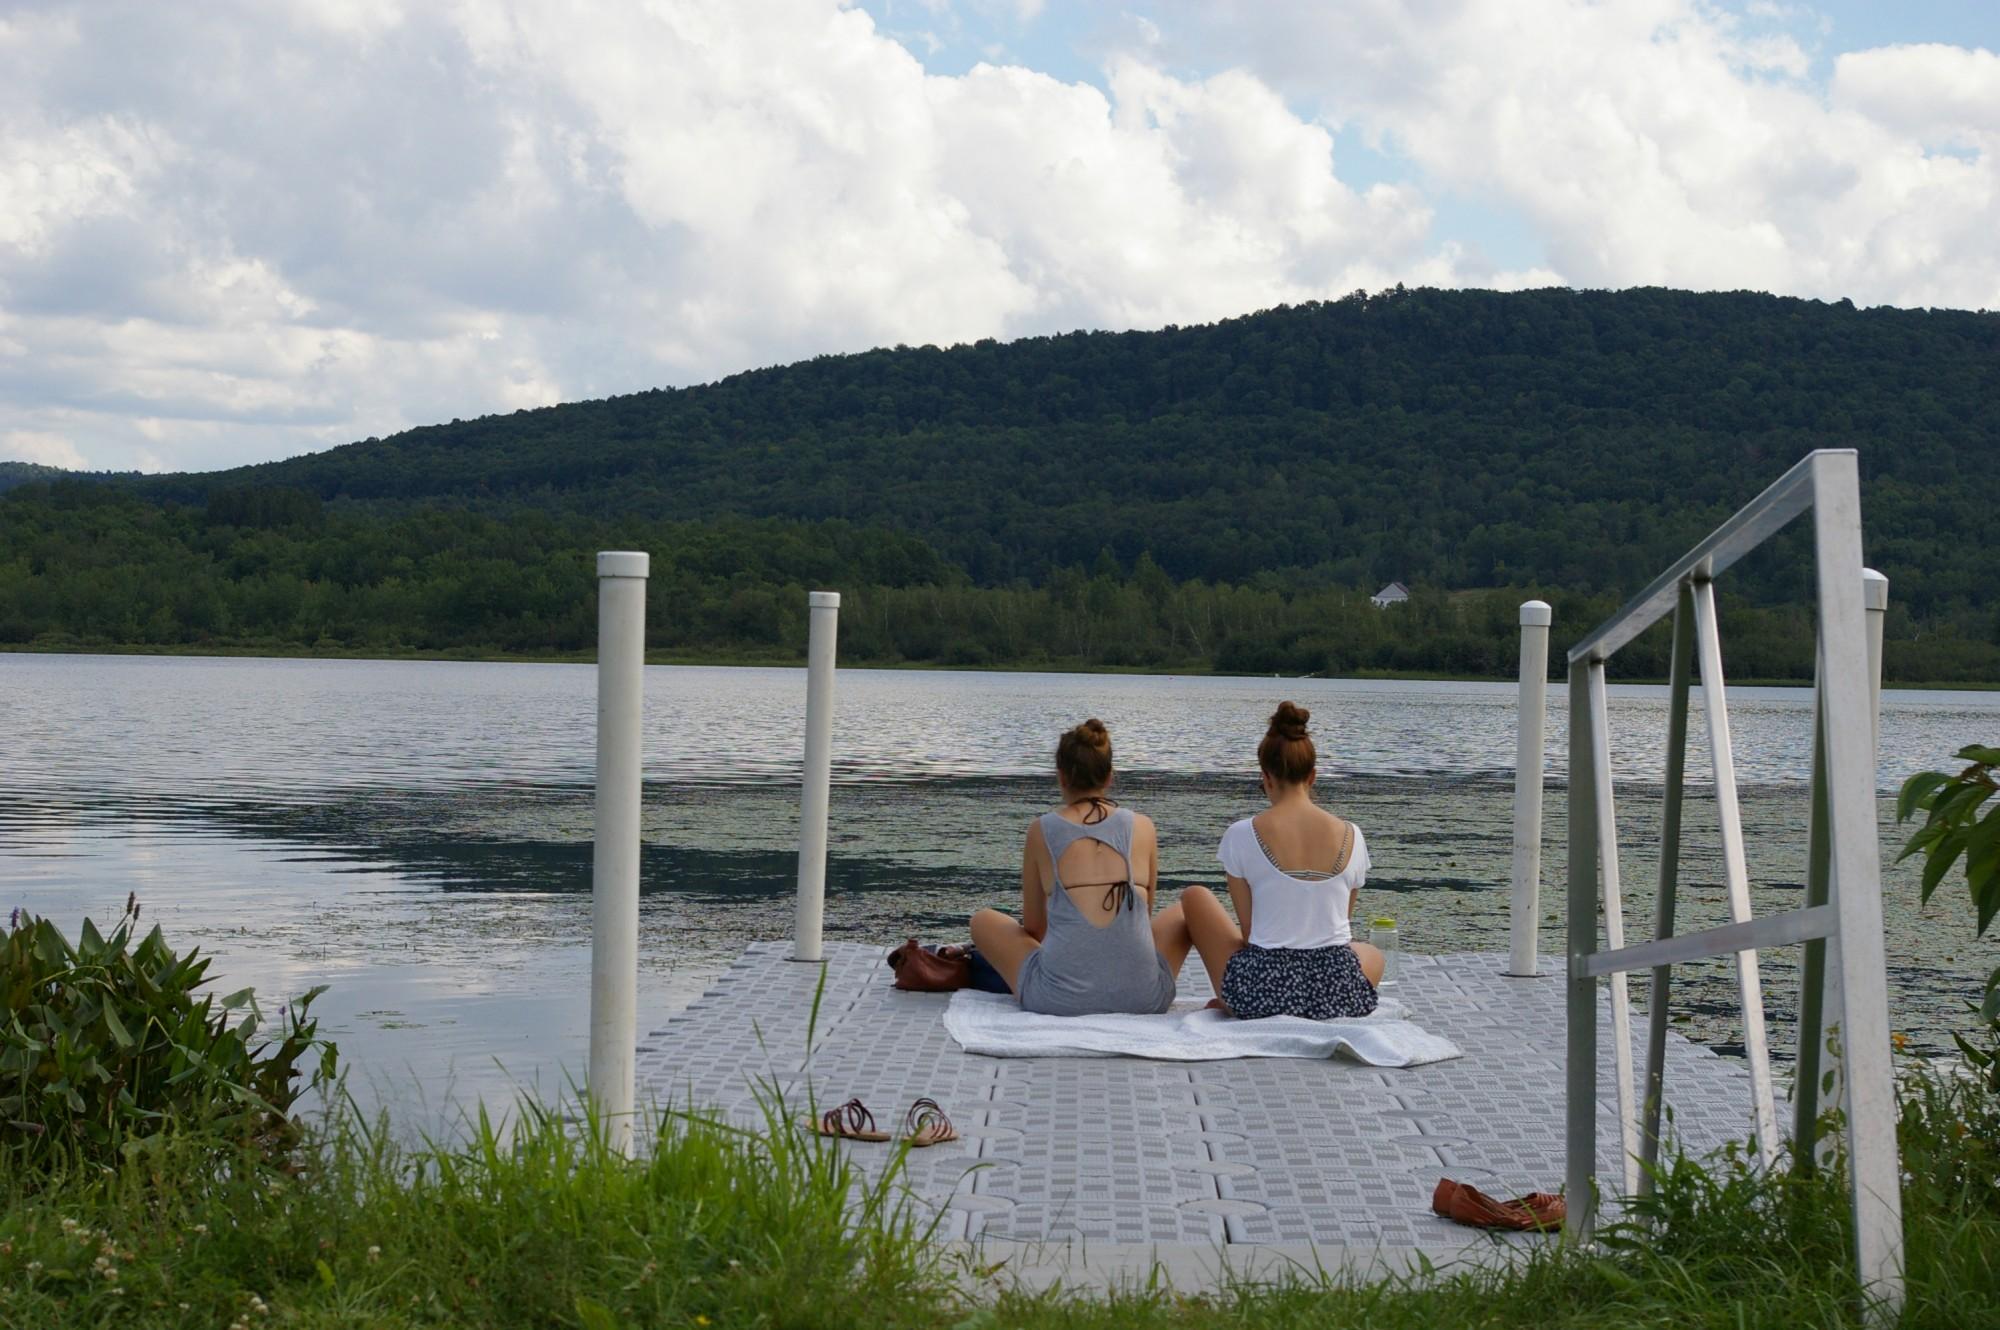 Plage - Lac Bromont (11)